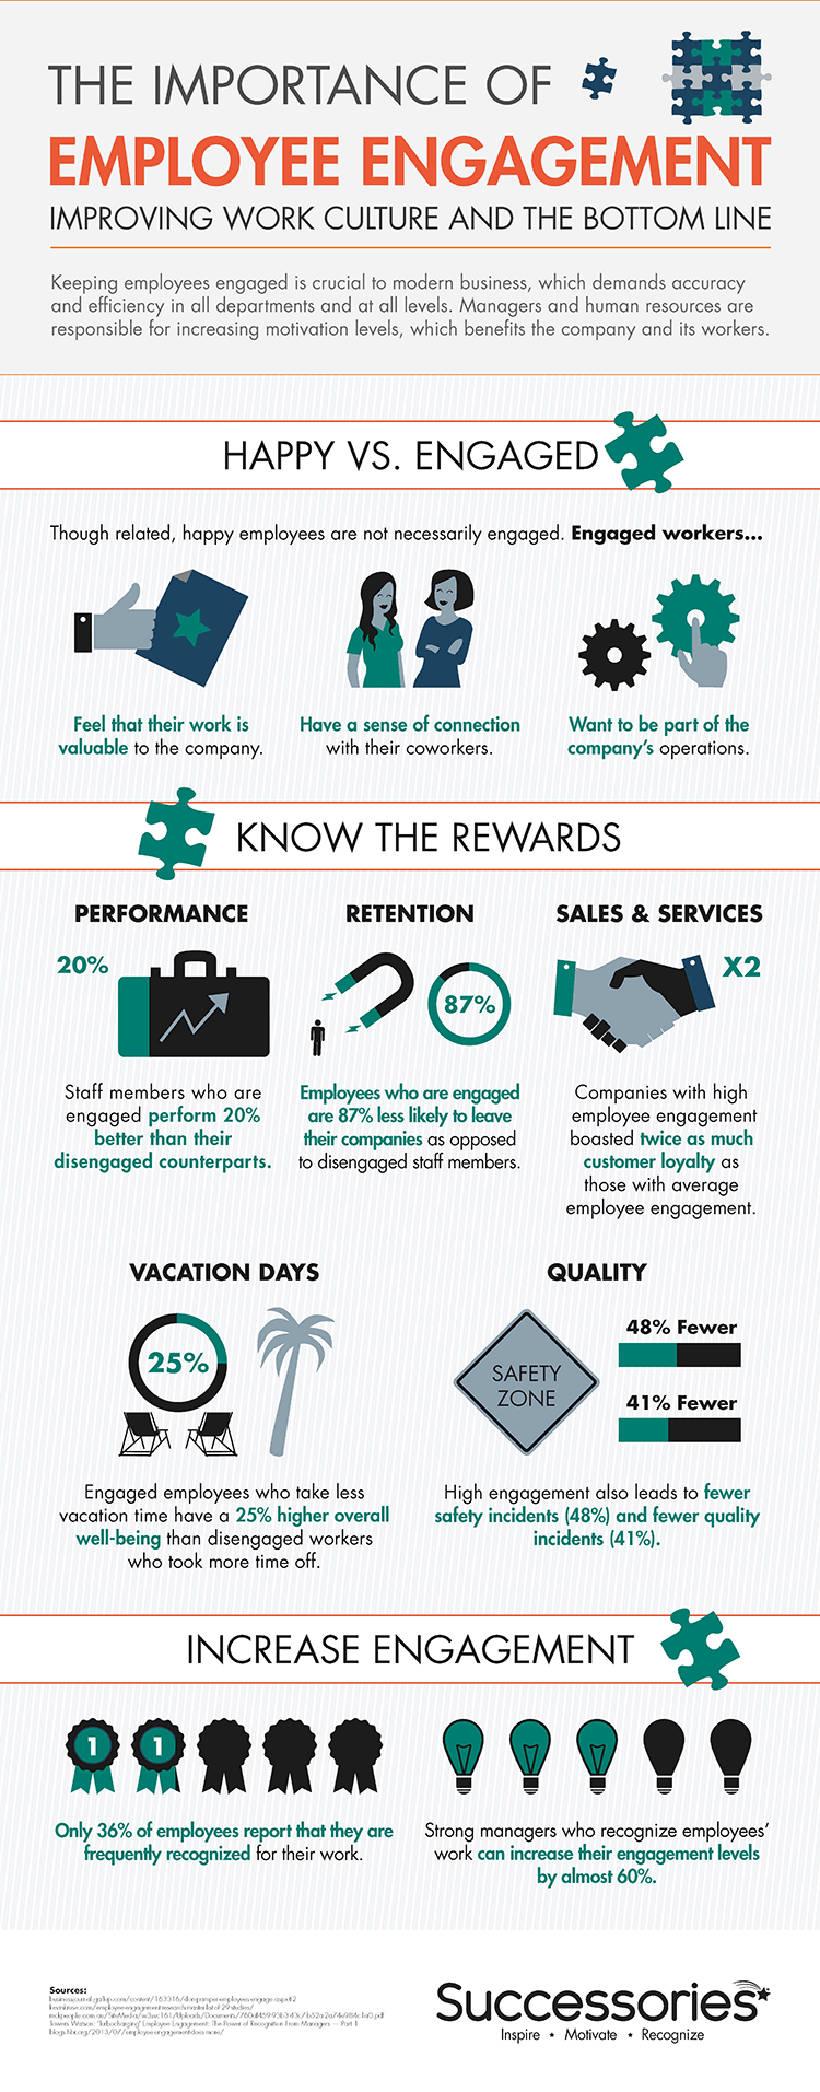 Corporate Entrepreneurship Vorteile